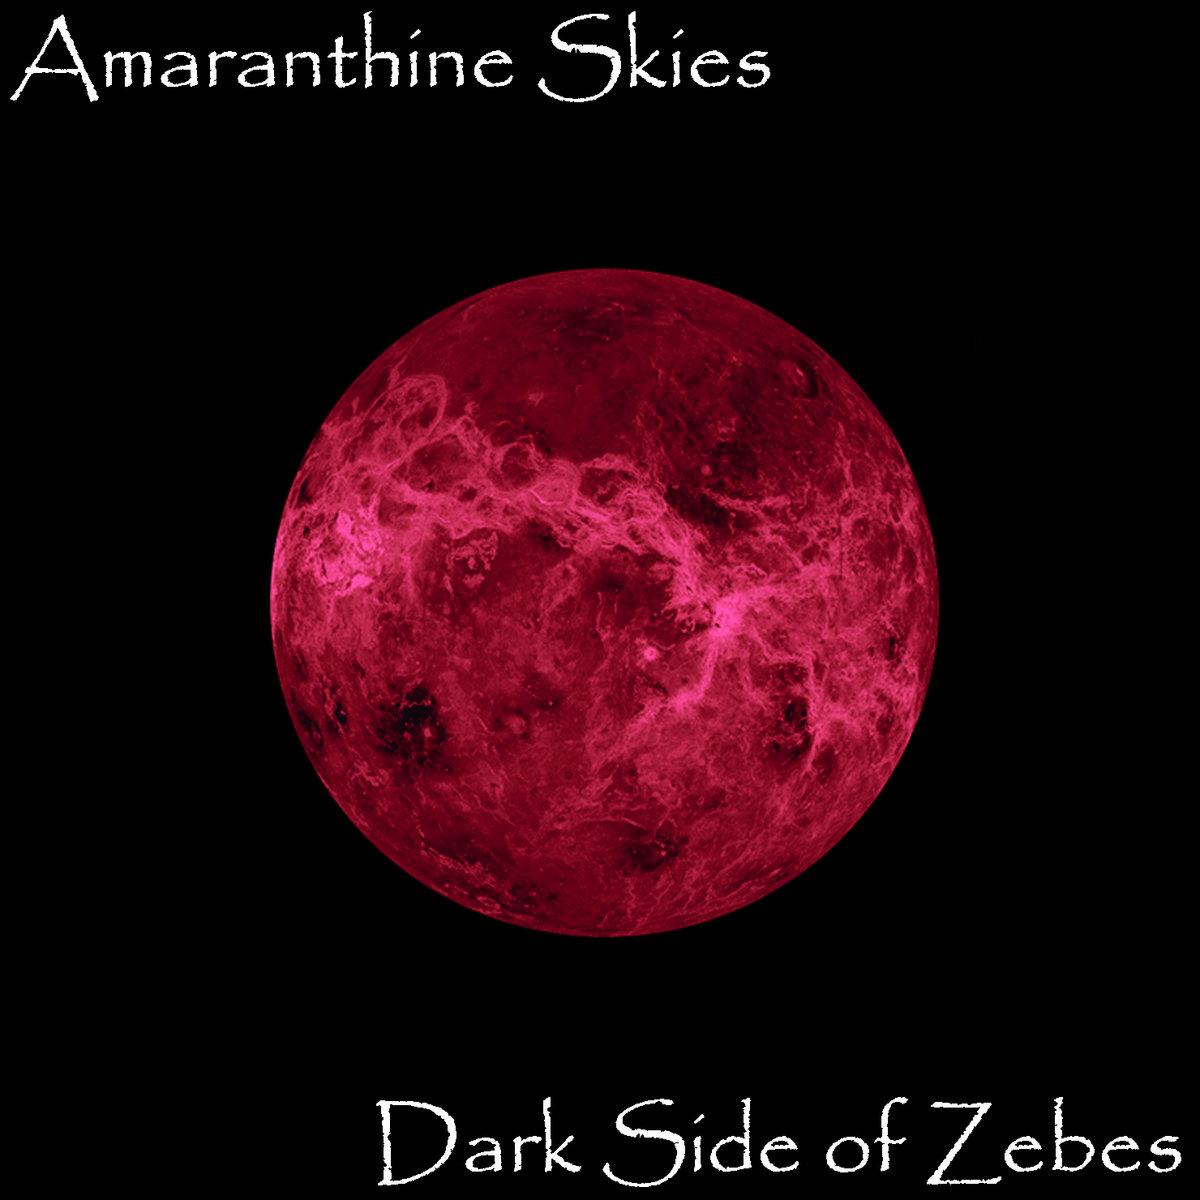 Amaranthine Skies - Dark Side of Zebes